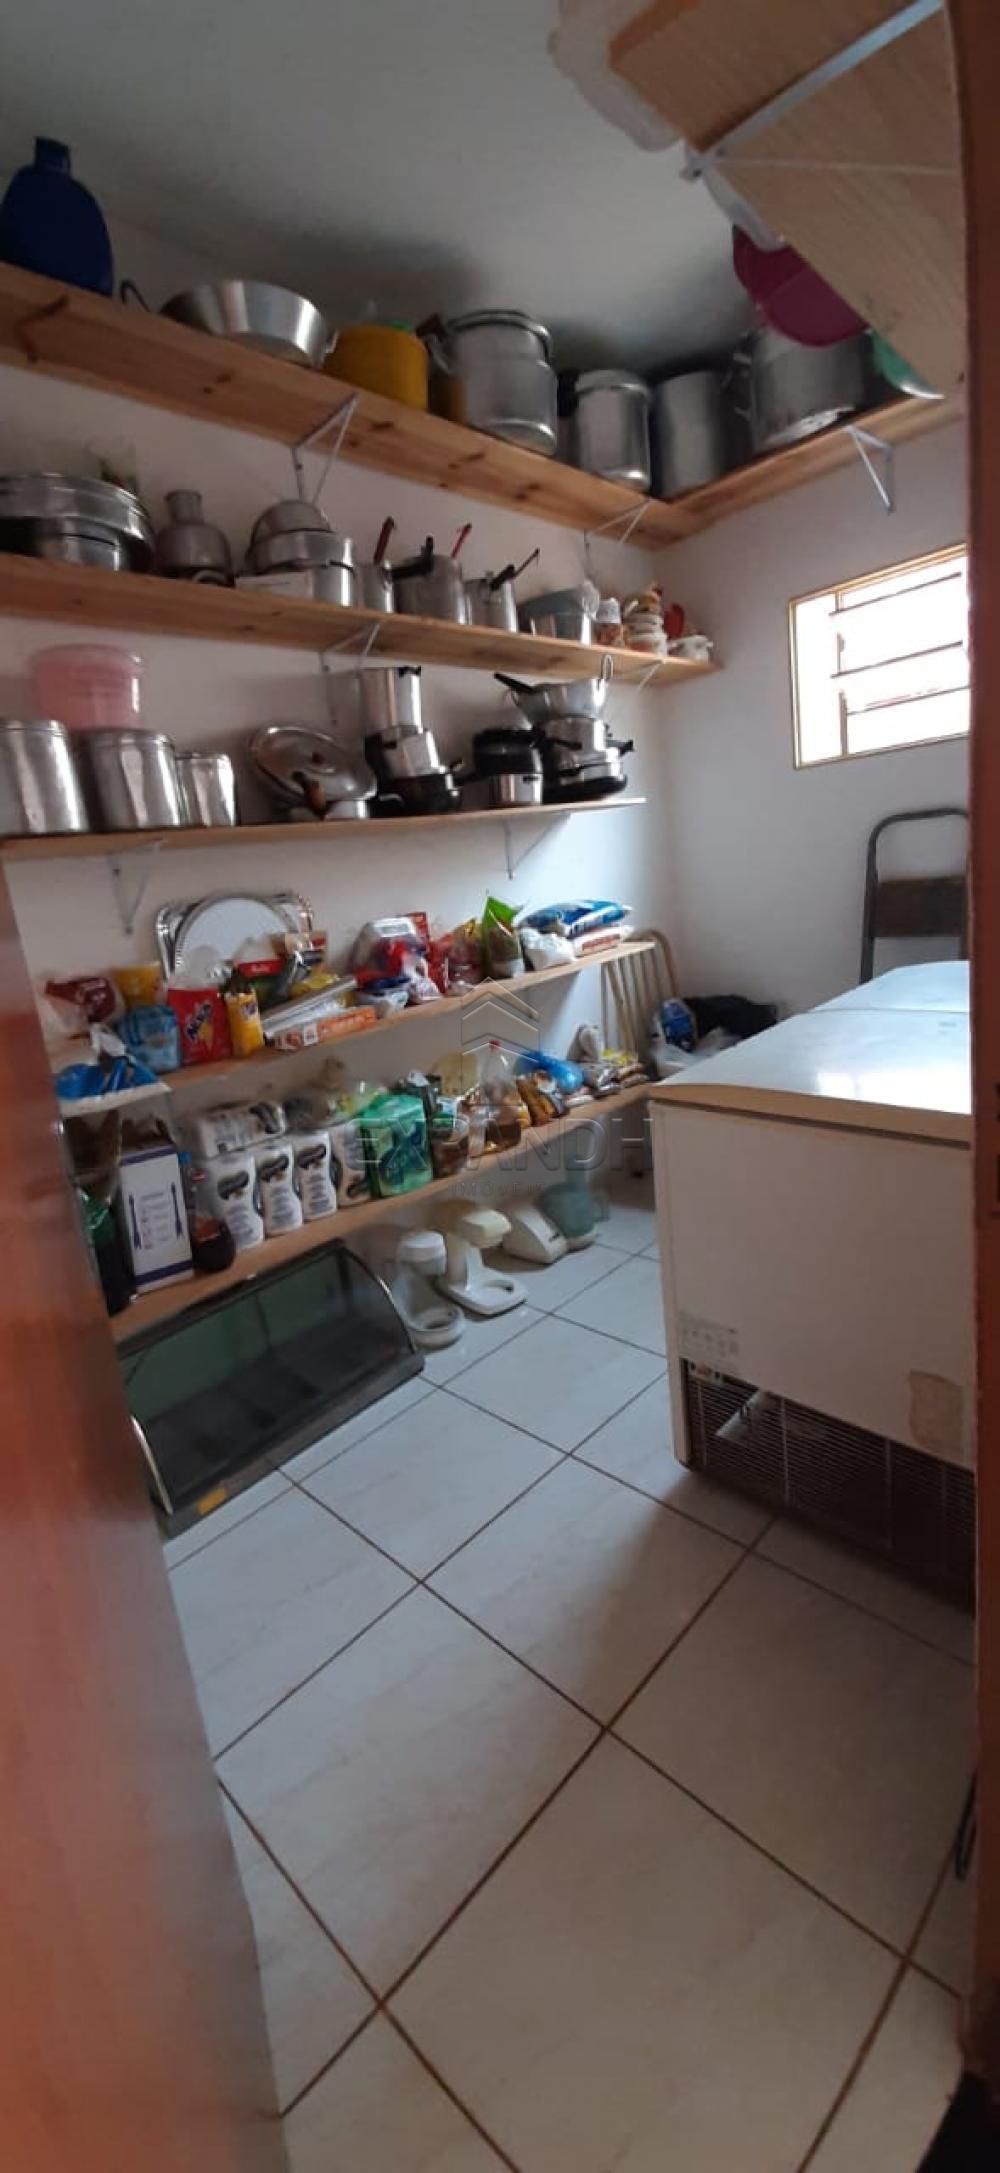 Comprar Comerciais / Salão em Sertãozinho R$ 260.000,00 - Foto 4